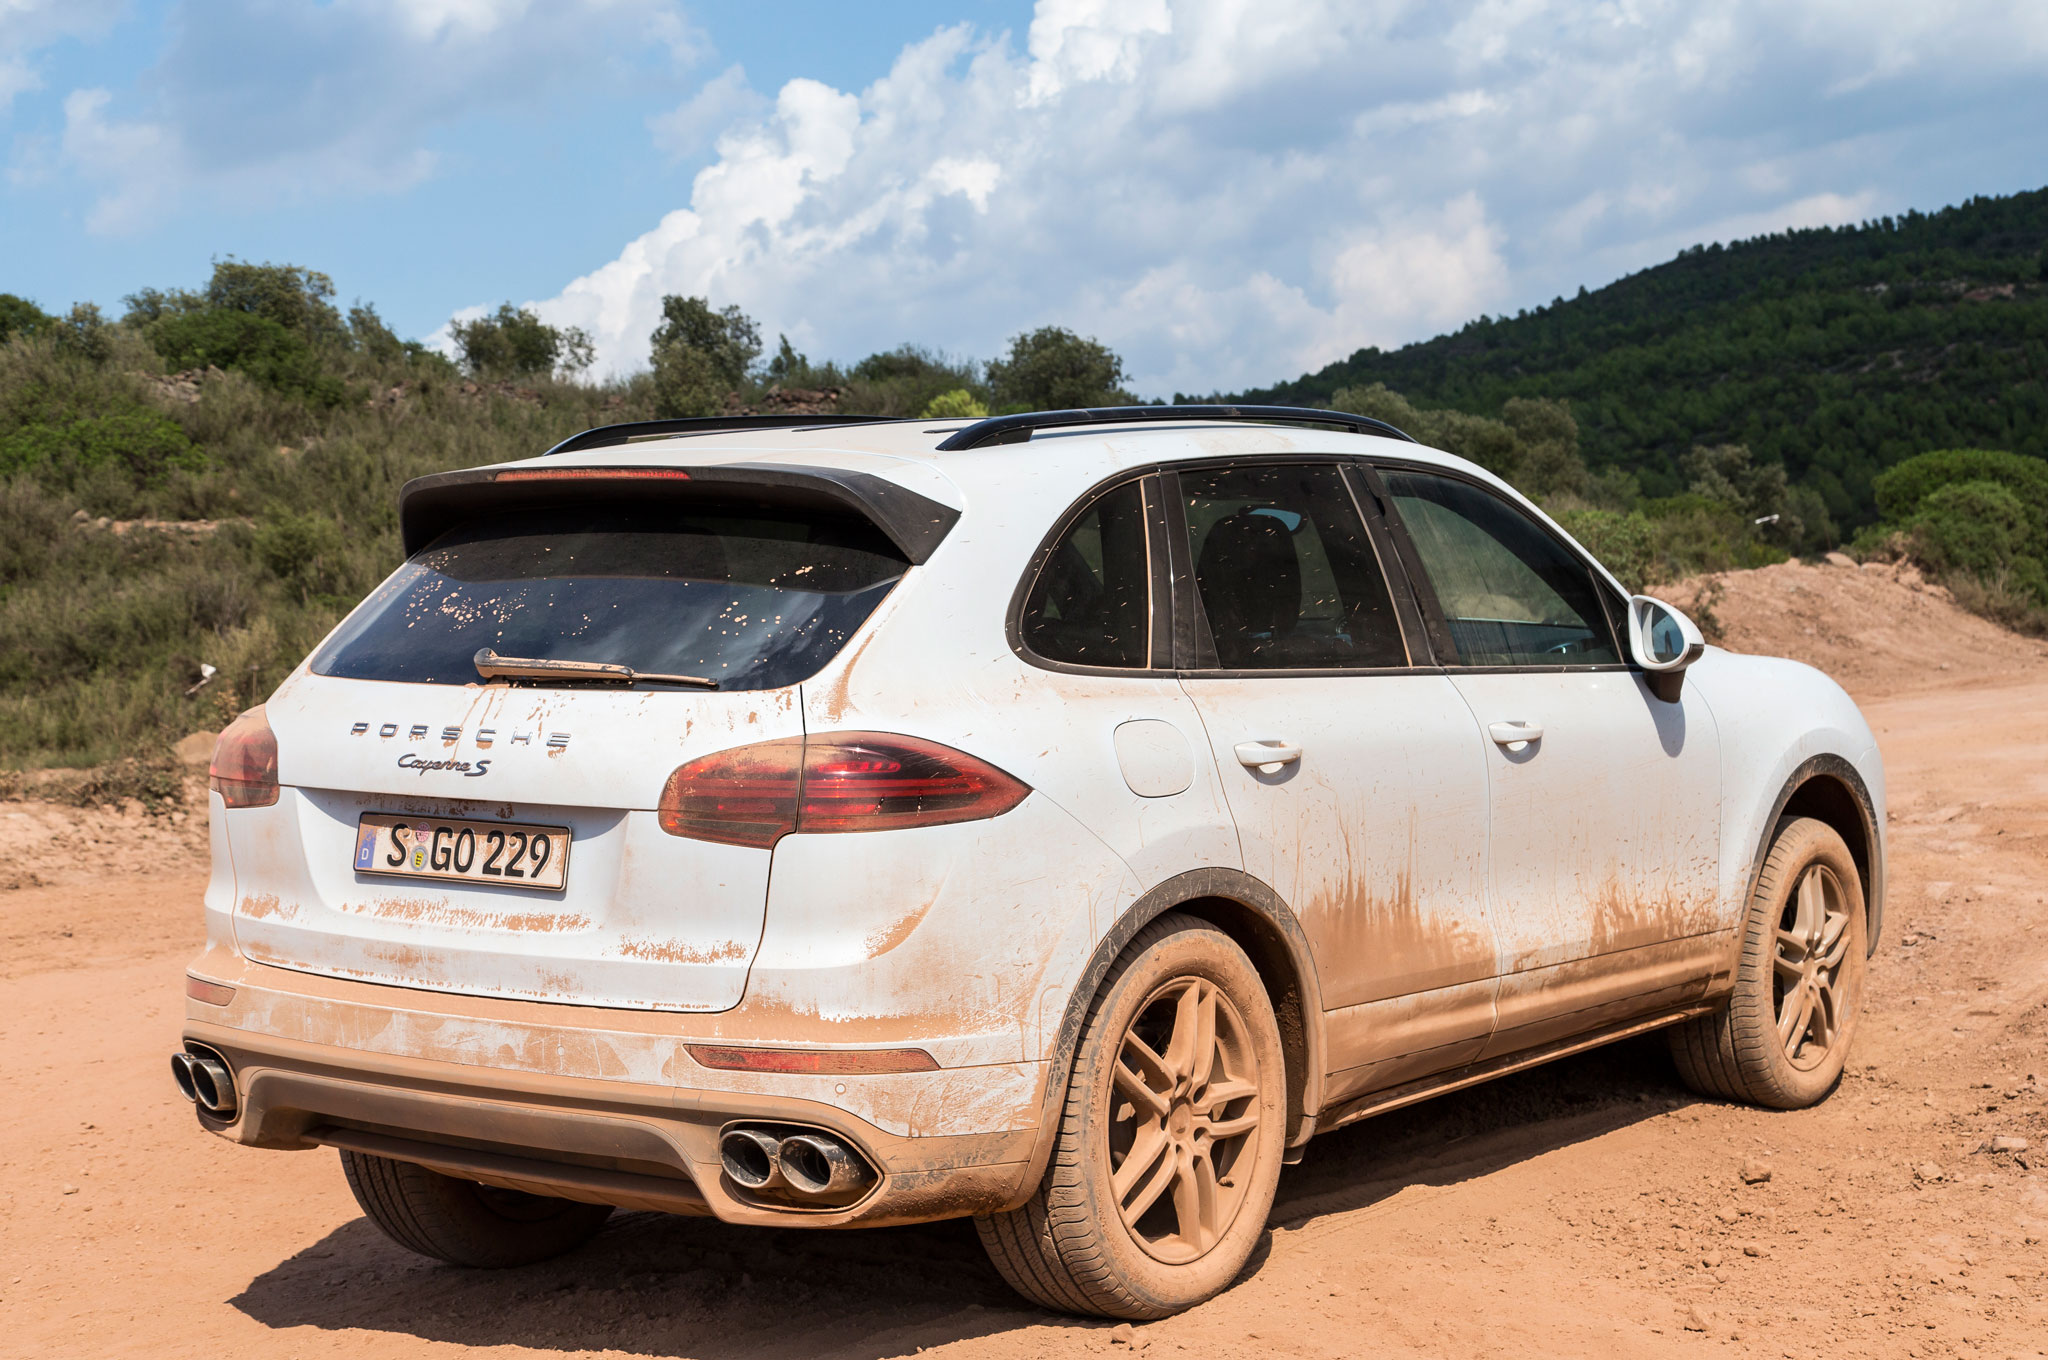 2015 porsche cayenne s with mud splatter 4 - Porsche 2015 4 Door